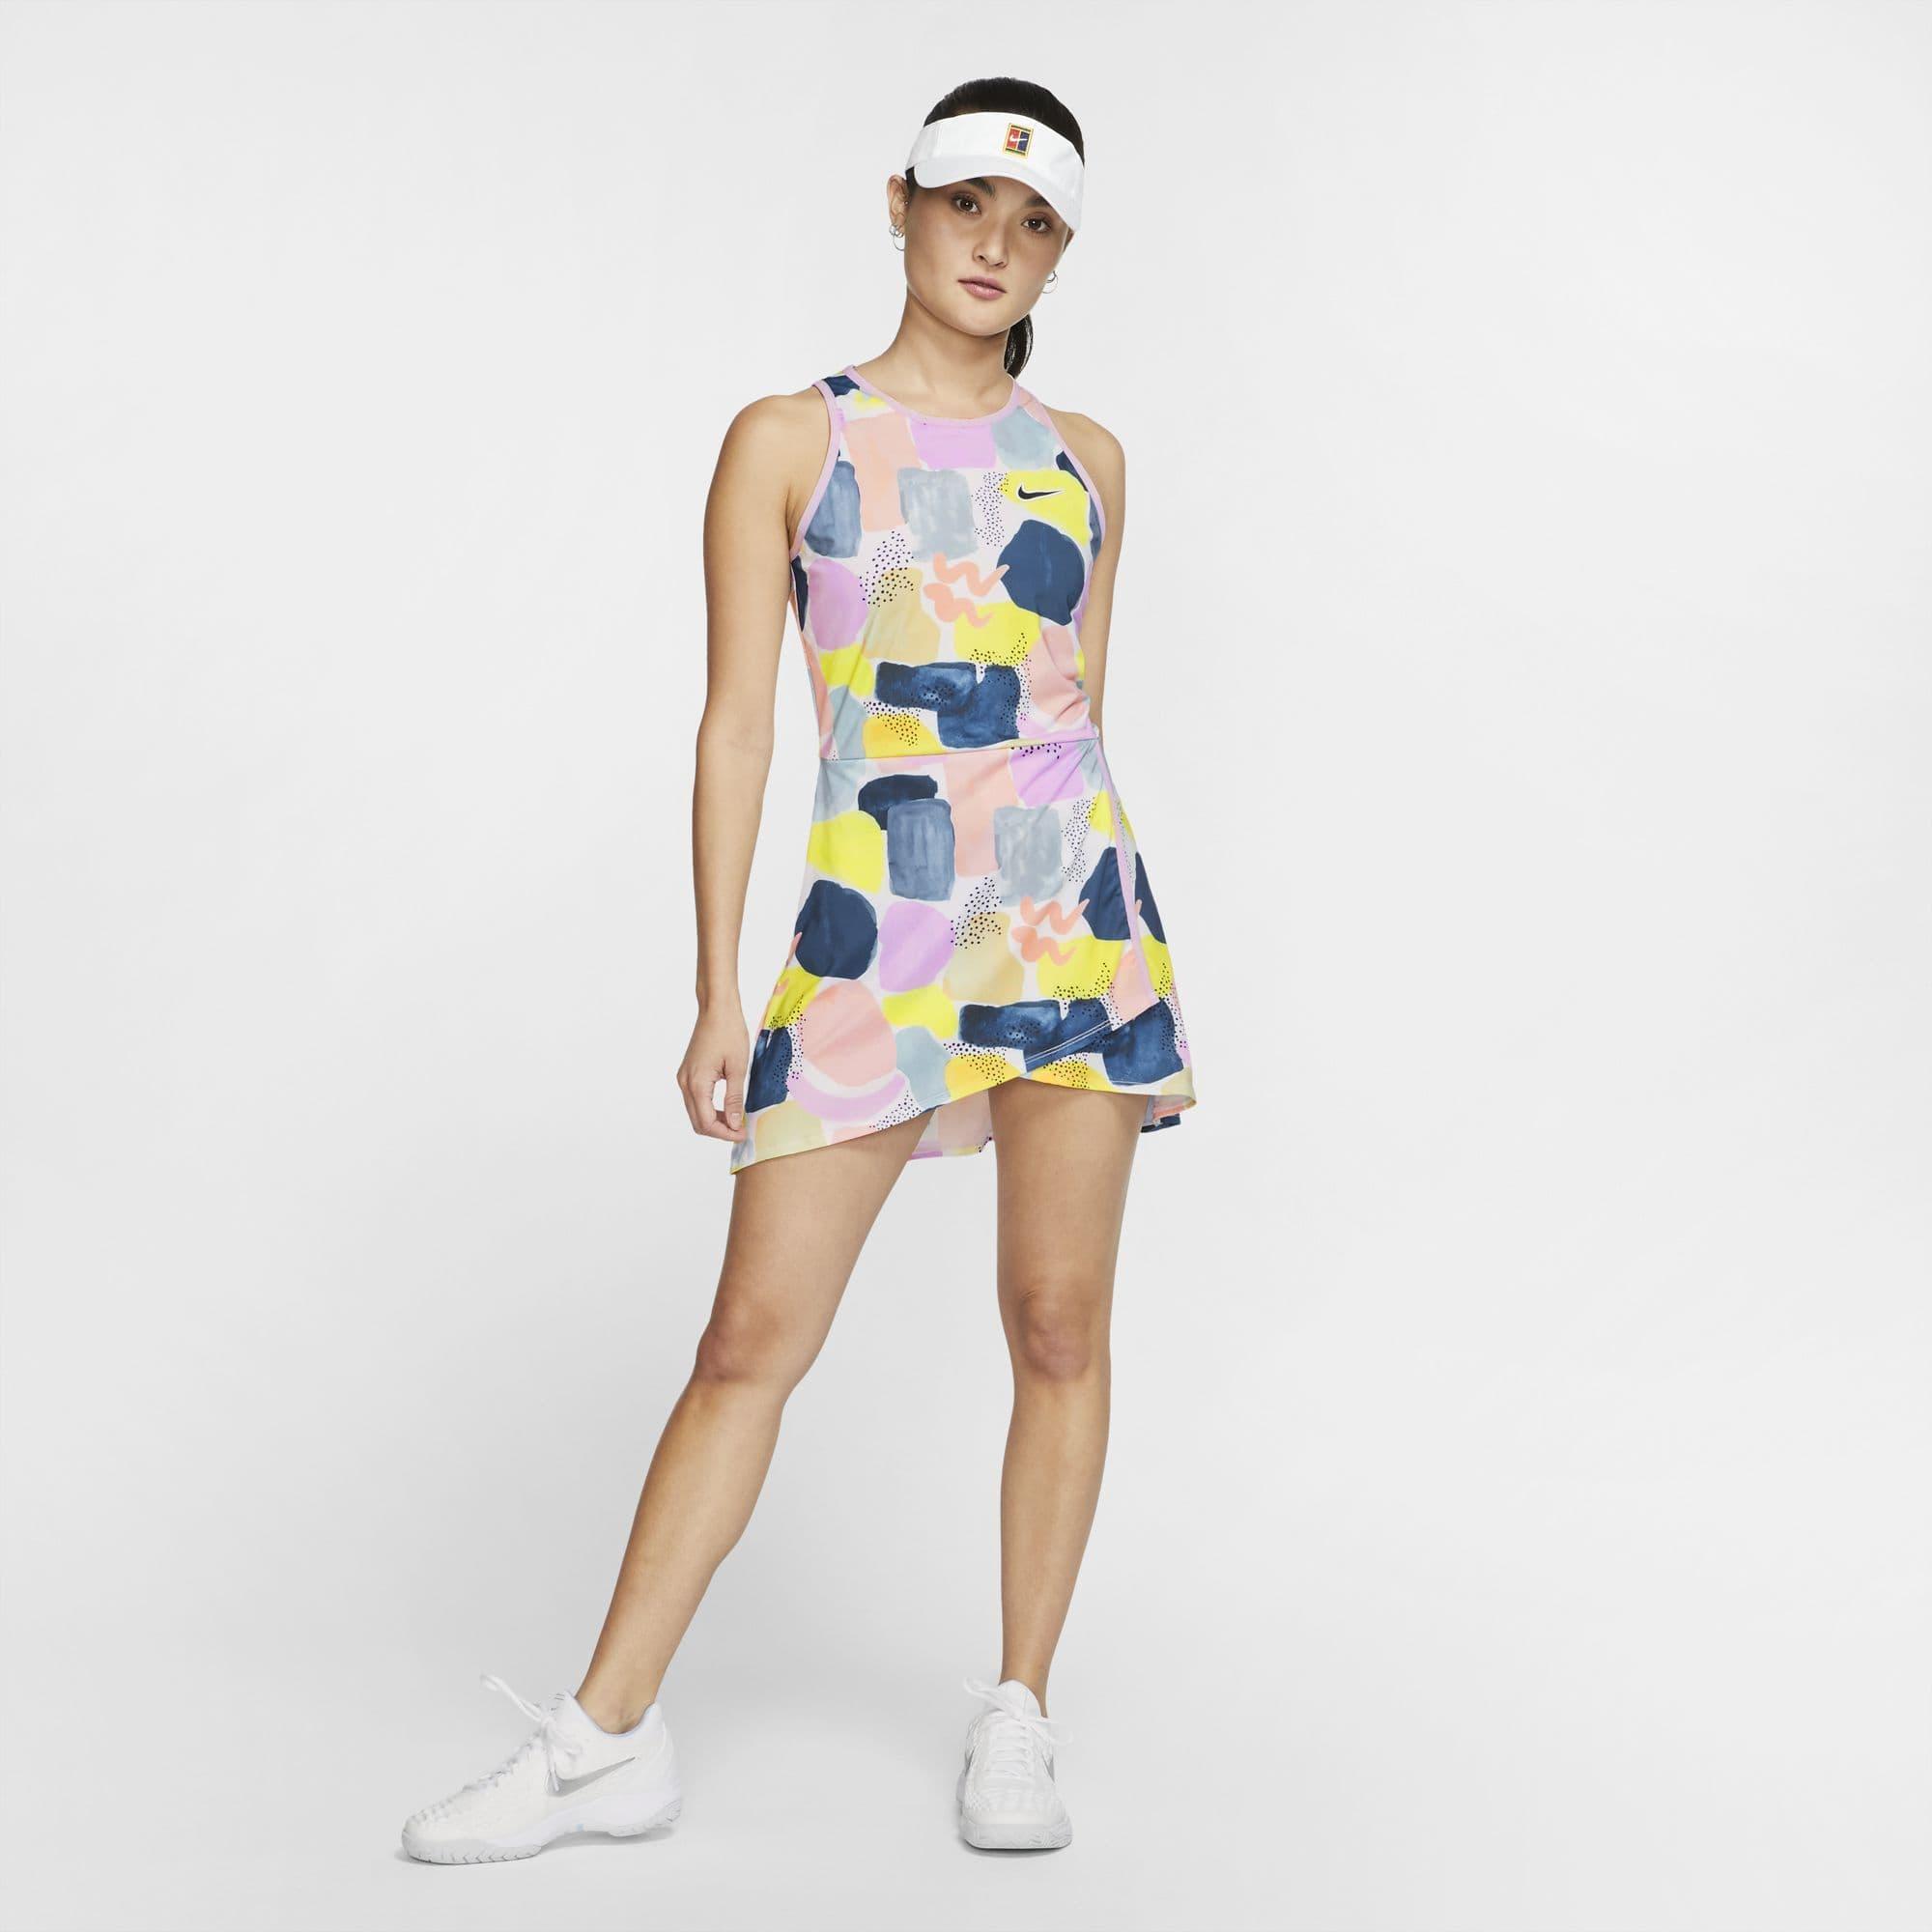 теннисное платье купить в москве